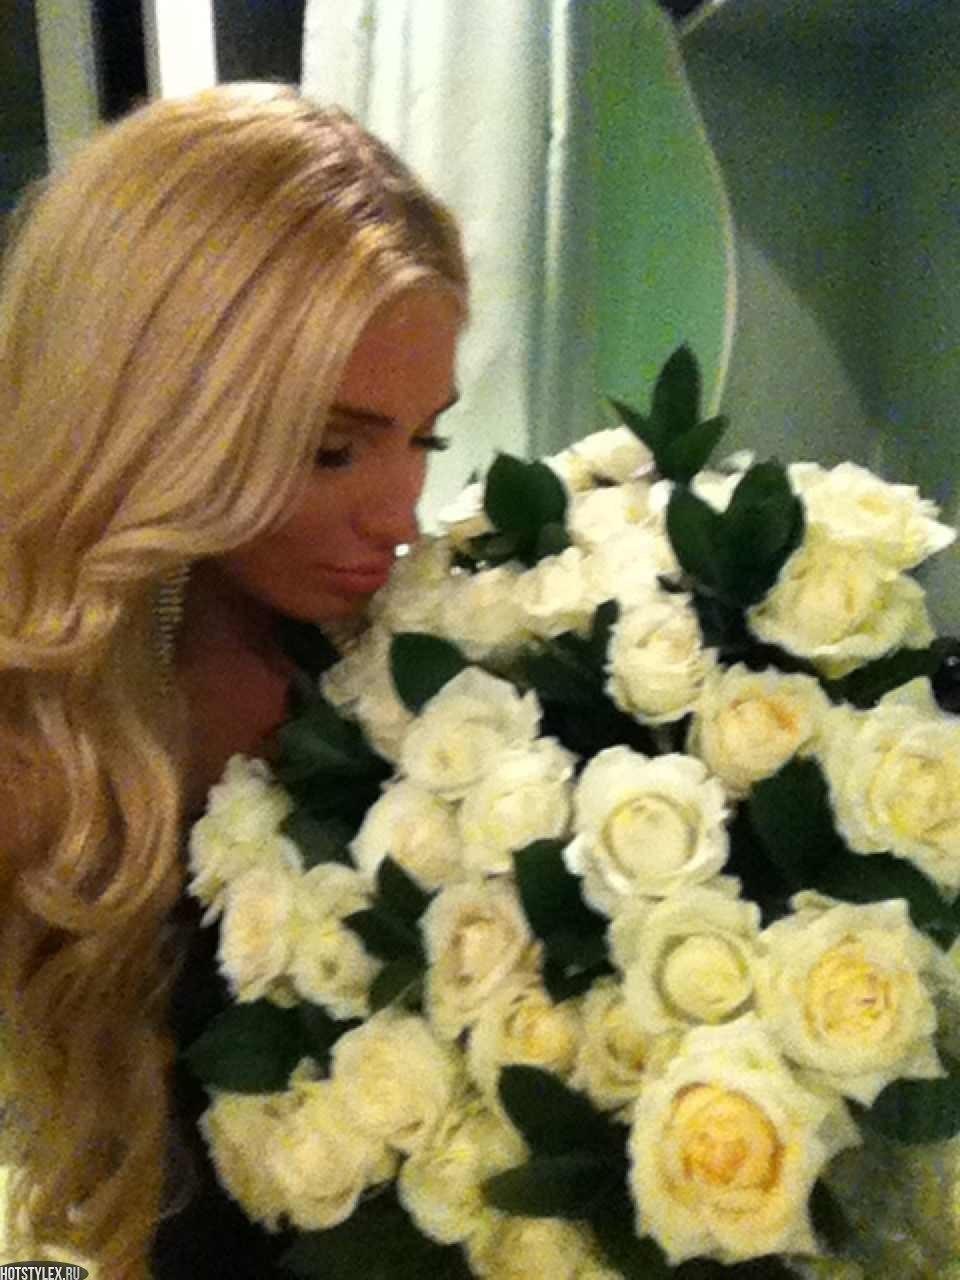 Картинка блондинка с букетом цветов 1